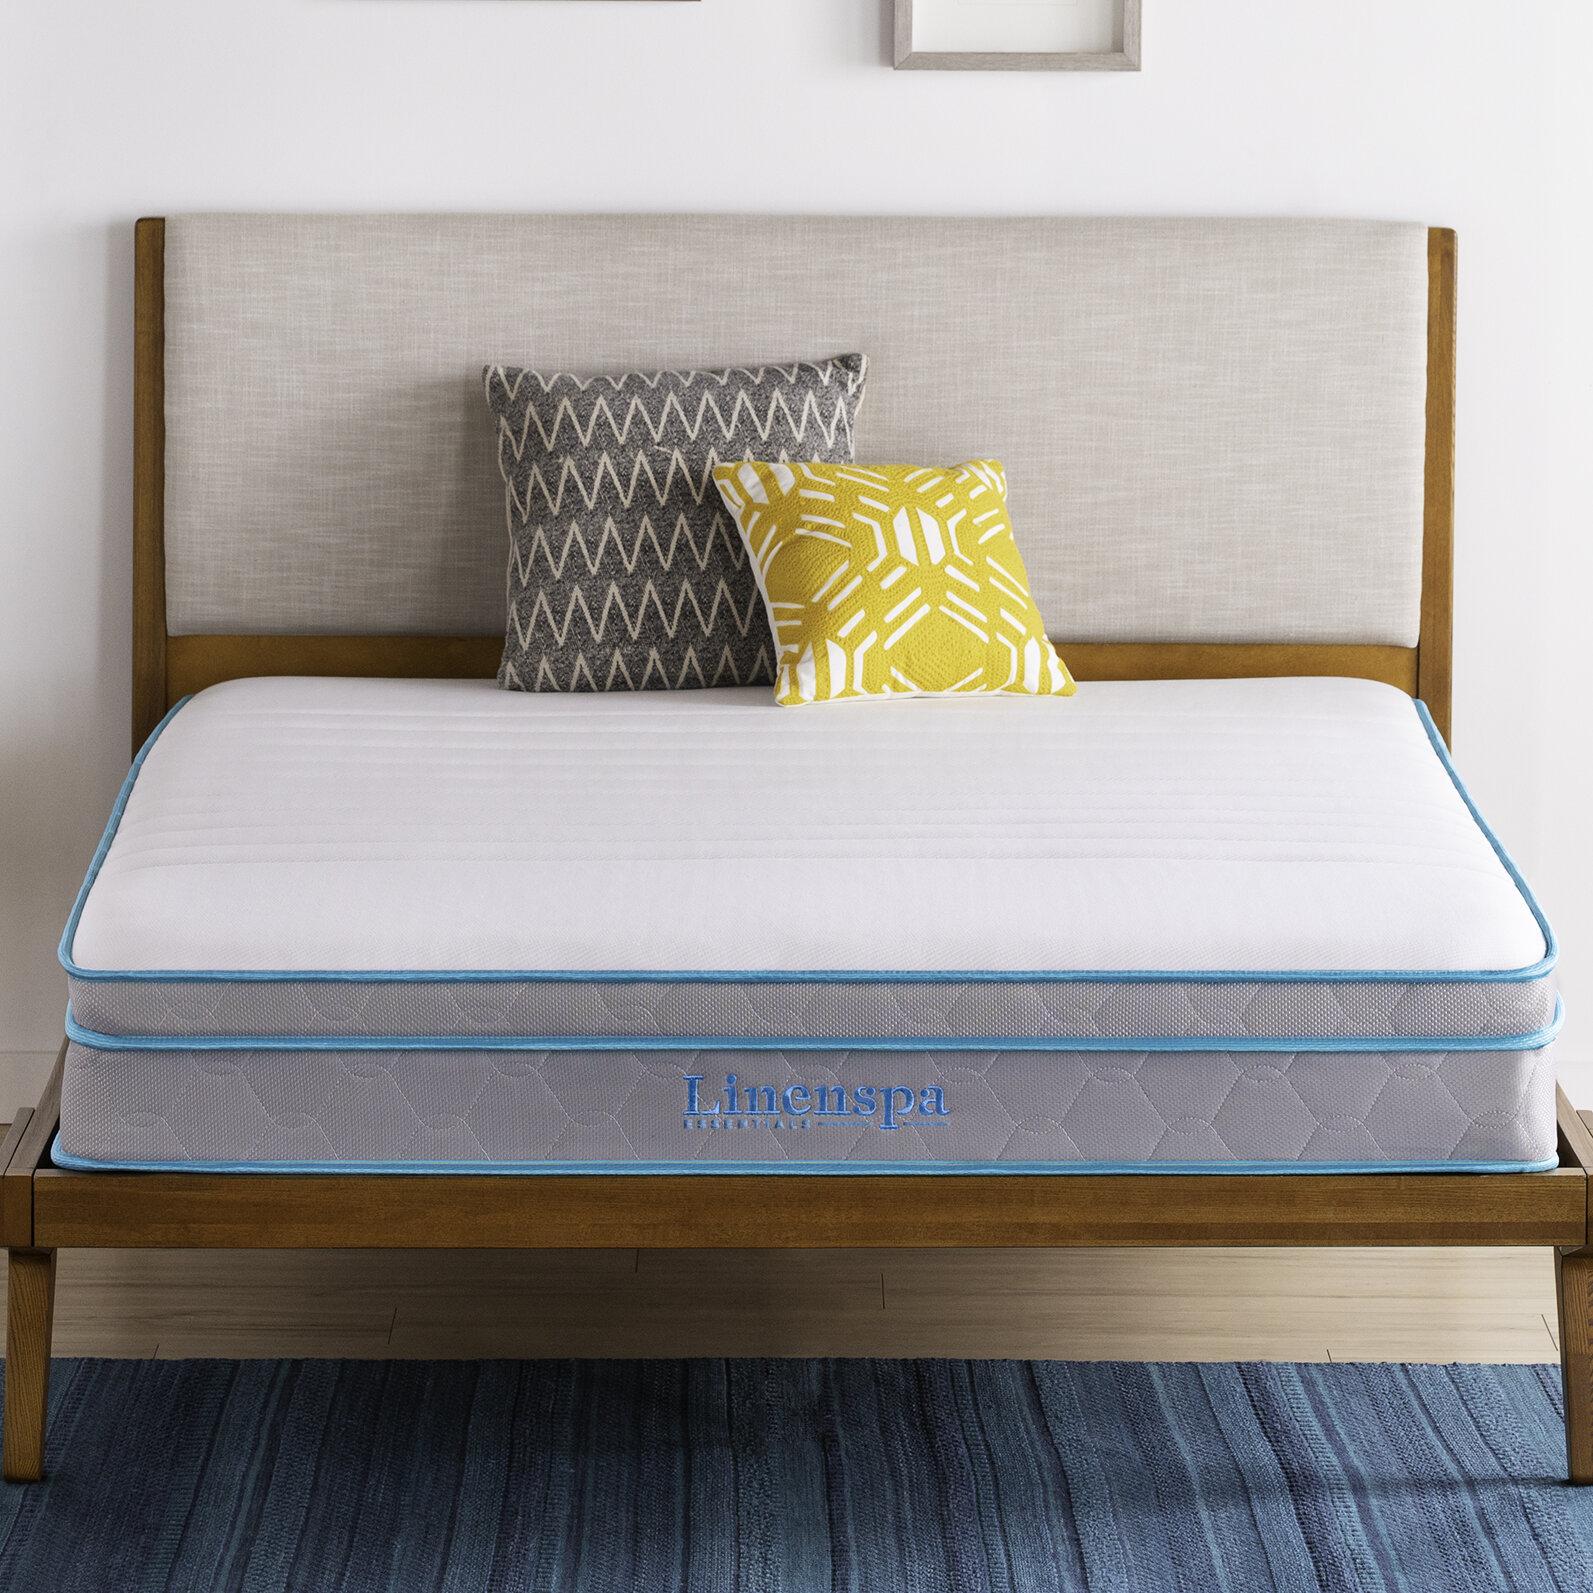 Linenspaessentials Always Cool 10 Medium Hybrid Mattress Reviews Wayfair